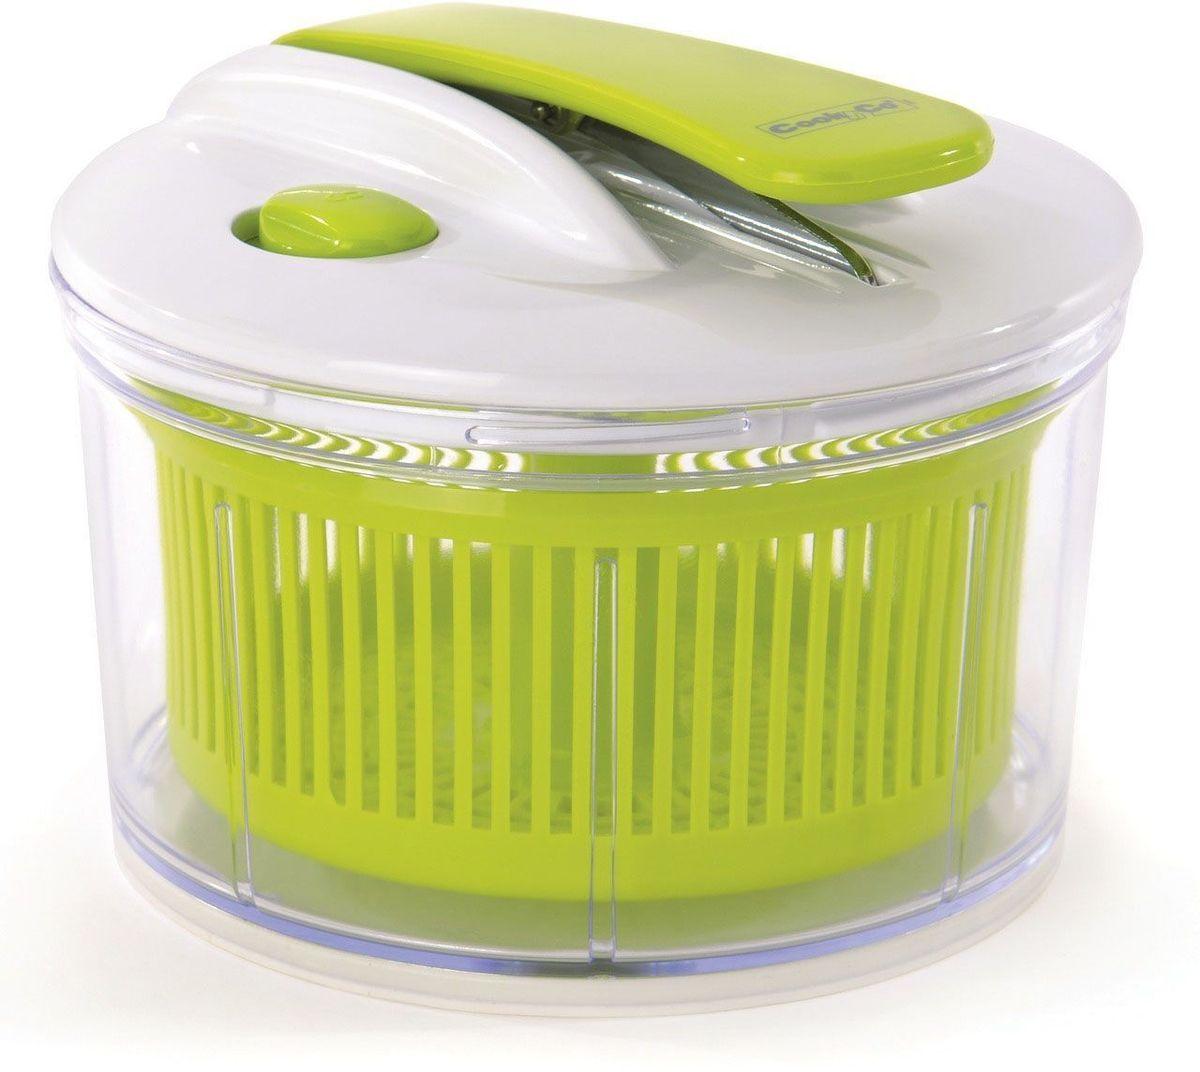 Сушилка для салата BergHOFF Cook&Co2800109Сушилка для салата BergHOFF Cook&Co поможет вам в приготовлении полезных и вкусных салатов. Изделие выполнено из высококачественного пластика. Оно сушит овощи в считанные секунды, просто вымойте овощи или зелень, поместите внутрь. Нажимая на ручку, вы приводите в действие внутреннее сито, создается центрифуга, и вся влага оседает на стенках контейнера. Сушилка имеет кнопку блокировки, удобно собирается и разбирается. Резиновое основание предотвращает скольжение. Прозрачная миска может быть использована как салатник, а внутреннее сито - для слива всех продуктов. Подходит для мытья в посудомоечной машине.